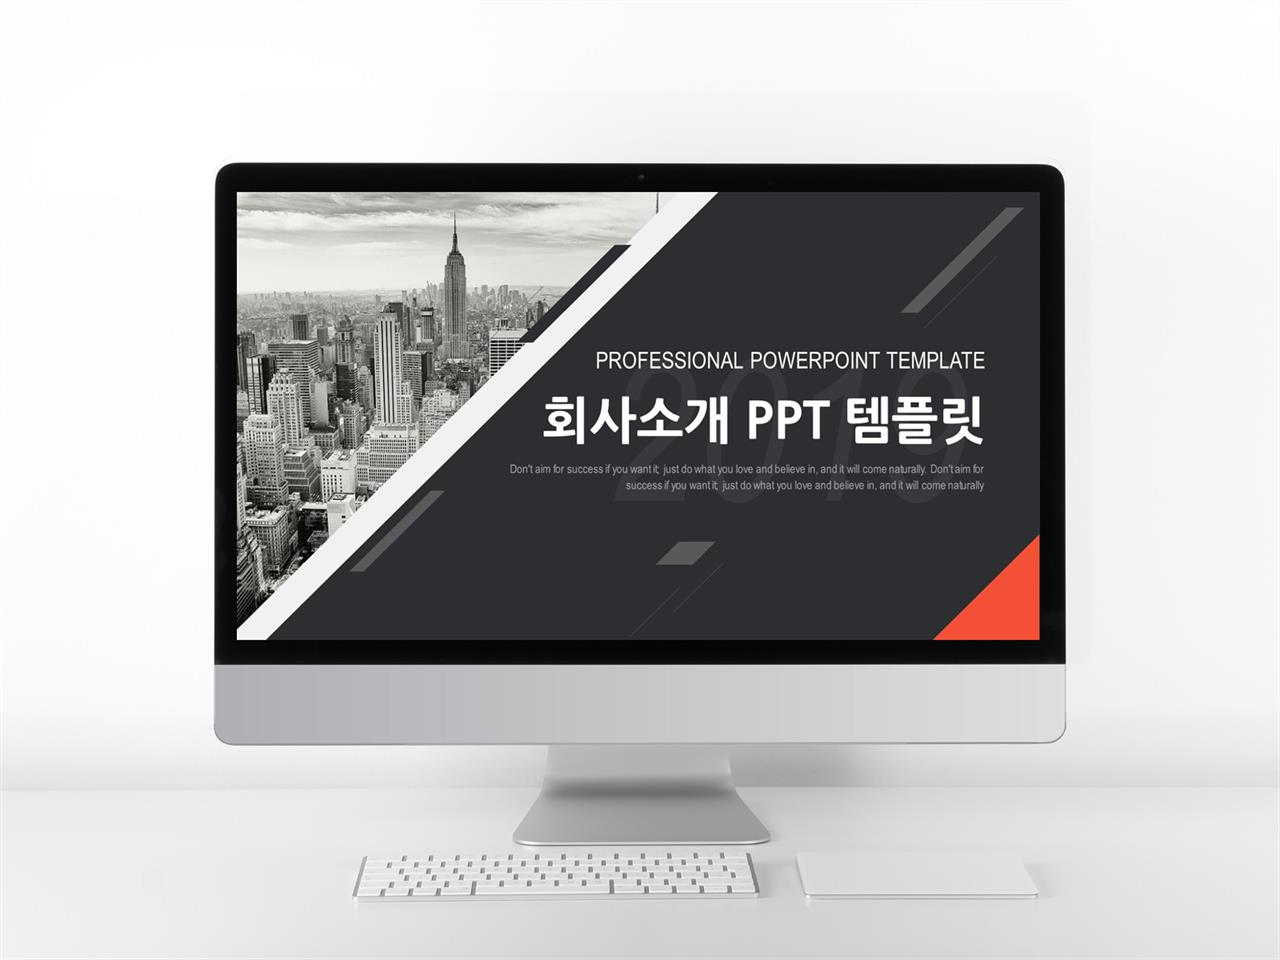 기업홍보 블랙 현대적인 멋진 POWERPOINT탬플릿 다운로드 미리보기